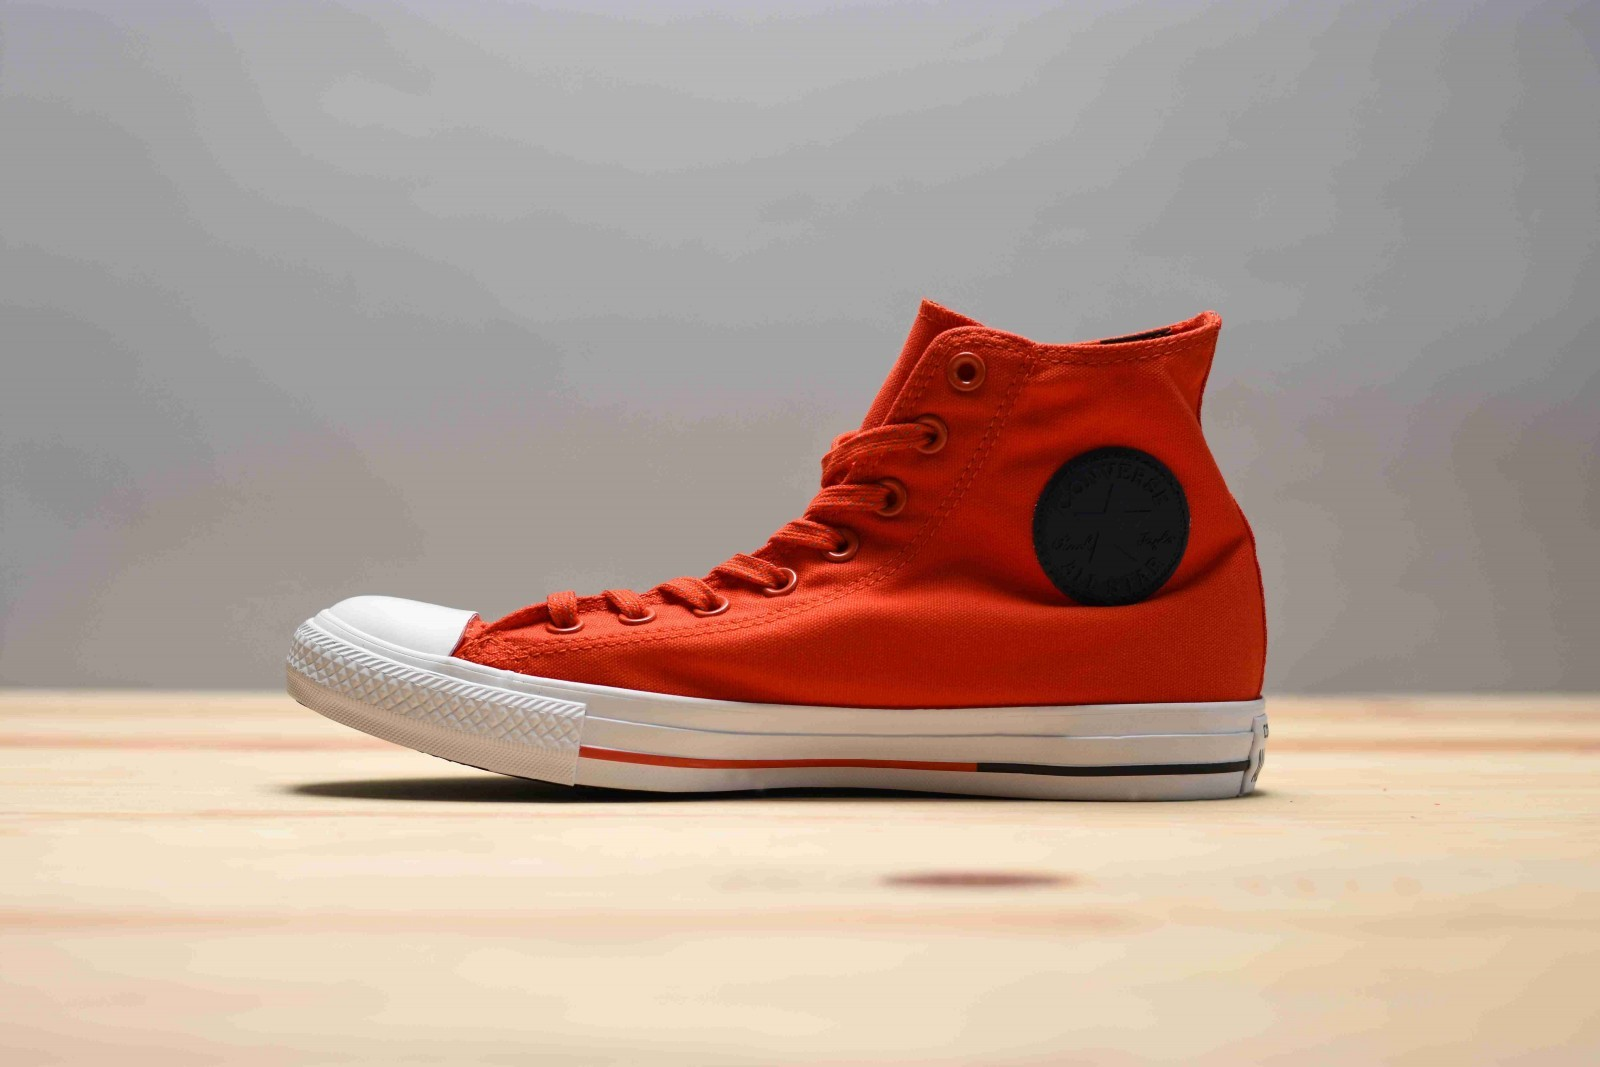 Unisex kotníkové boty Converse Chuck Taylor All Star červené  f881cd8cb4